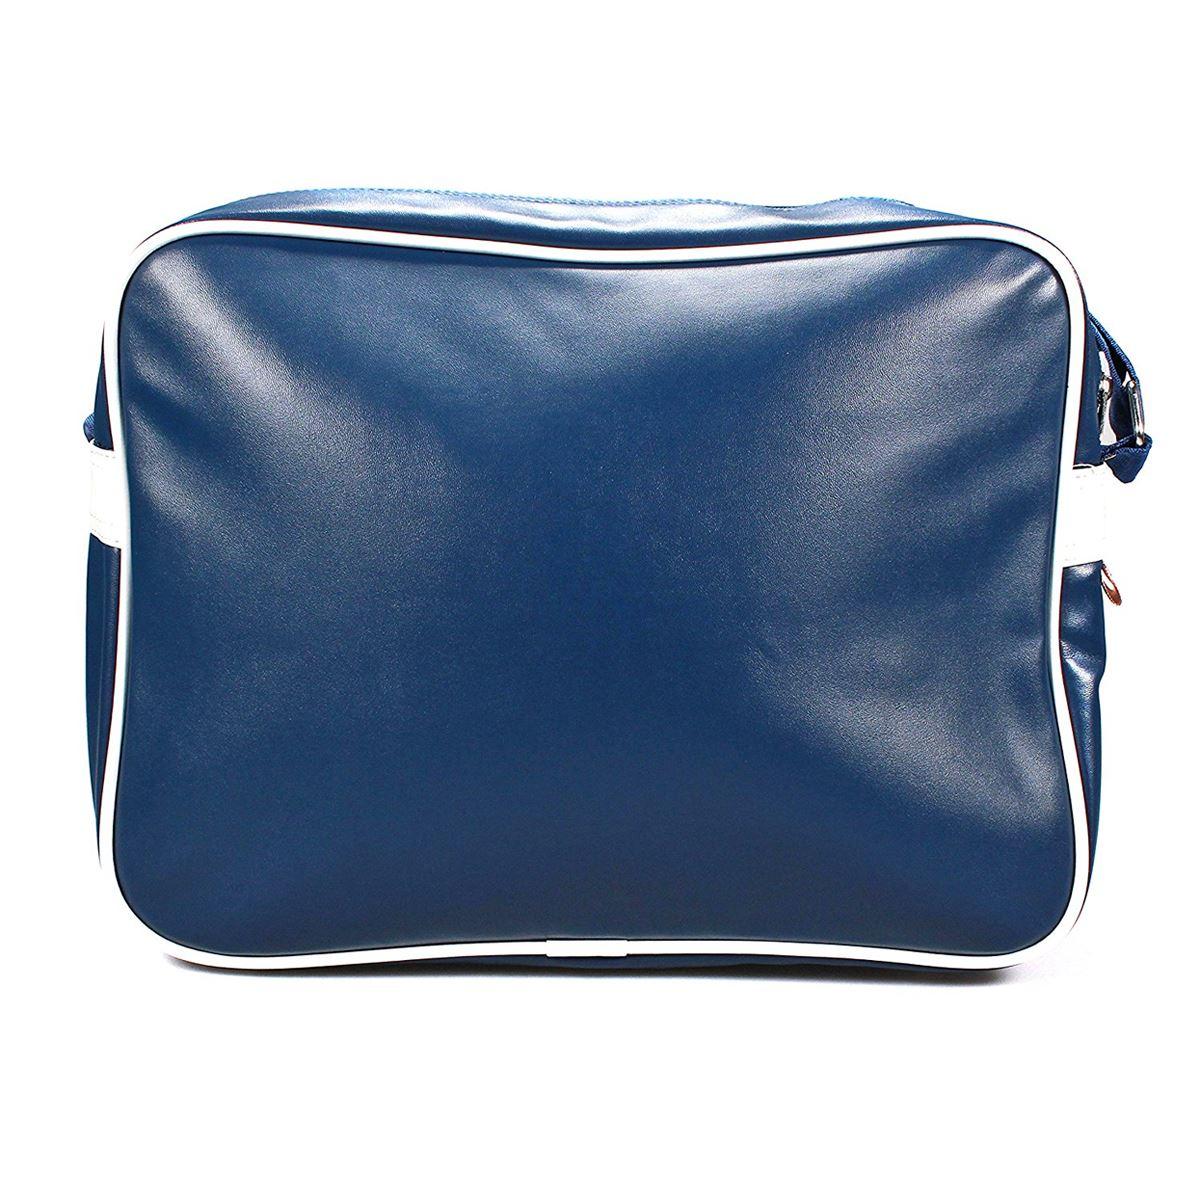 0a09623e7cd0 New Harry Potter Messenger Bags Gryffindor Or Slytherin Shoulder ...